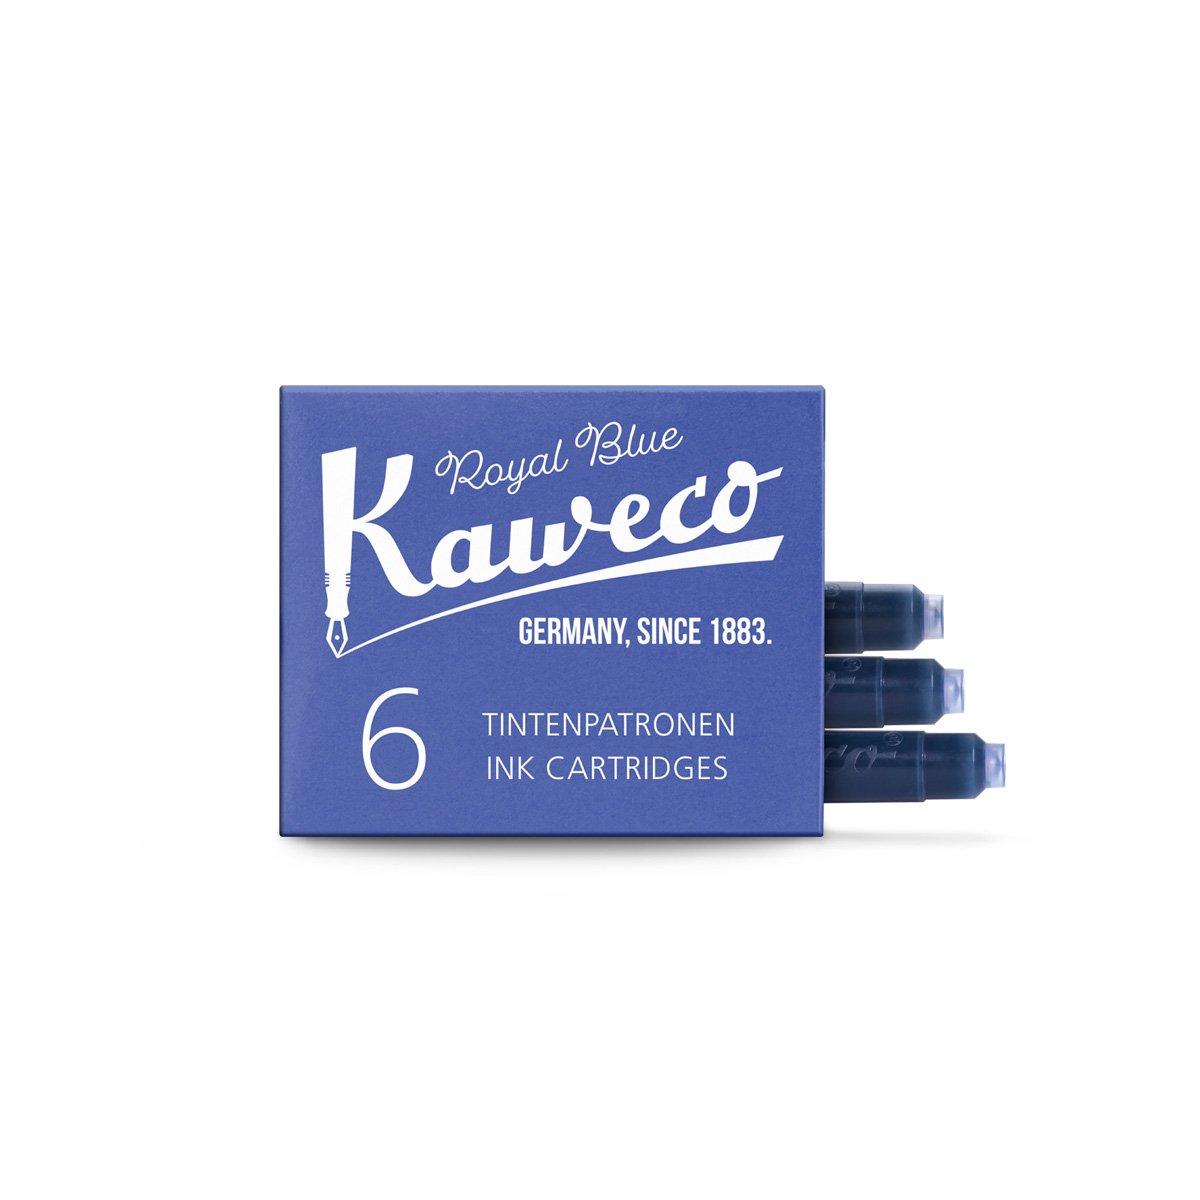 【KAWECO/カヴェコ】インクカートリッジ(ロイヤルブルー)